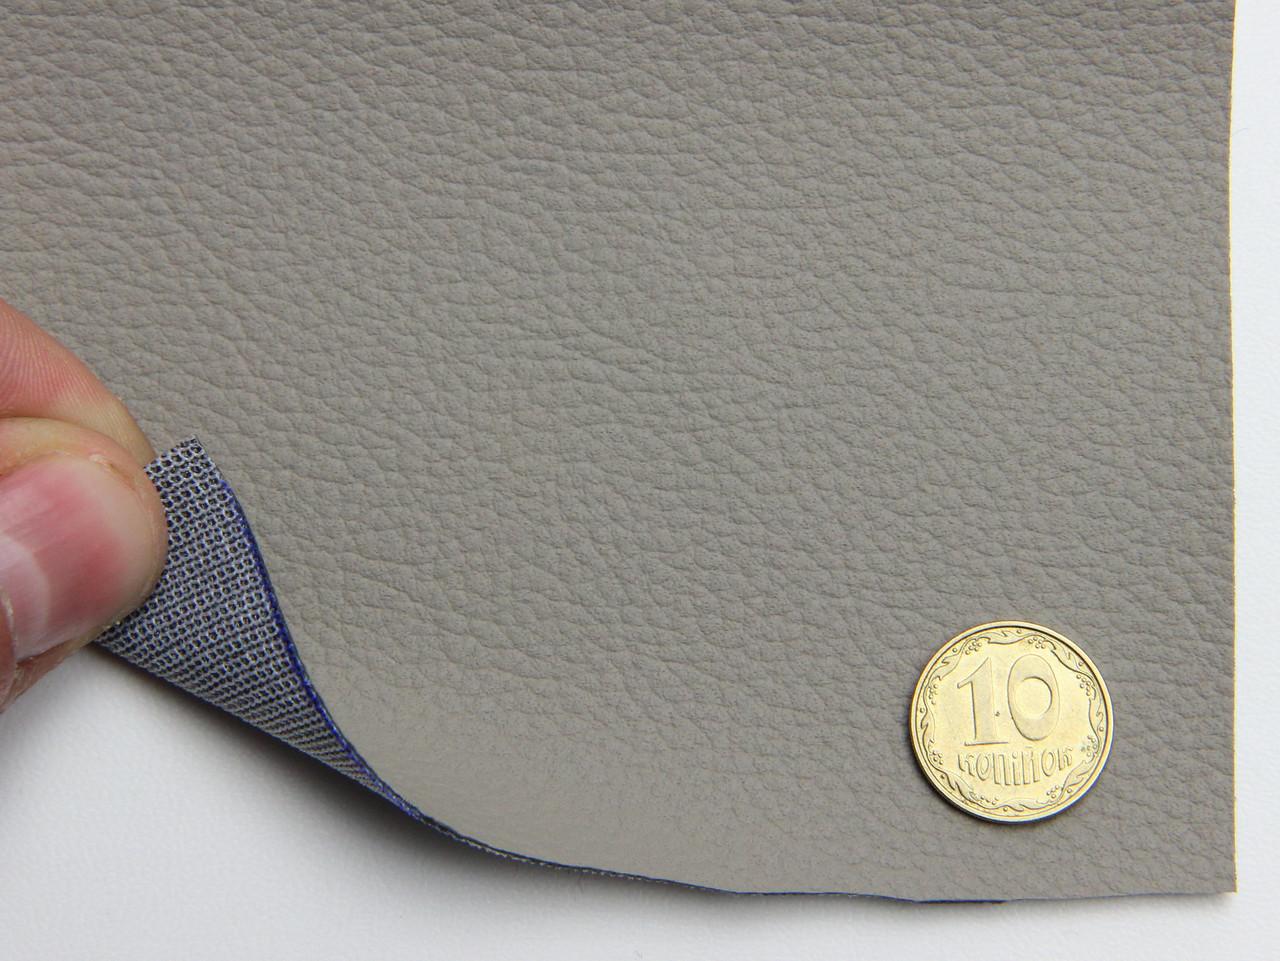 Авто кожзам светло-серый (теплый оттенок 09-254), на тканевой основе 1мм, ширина 1,55м